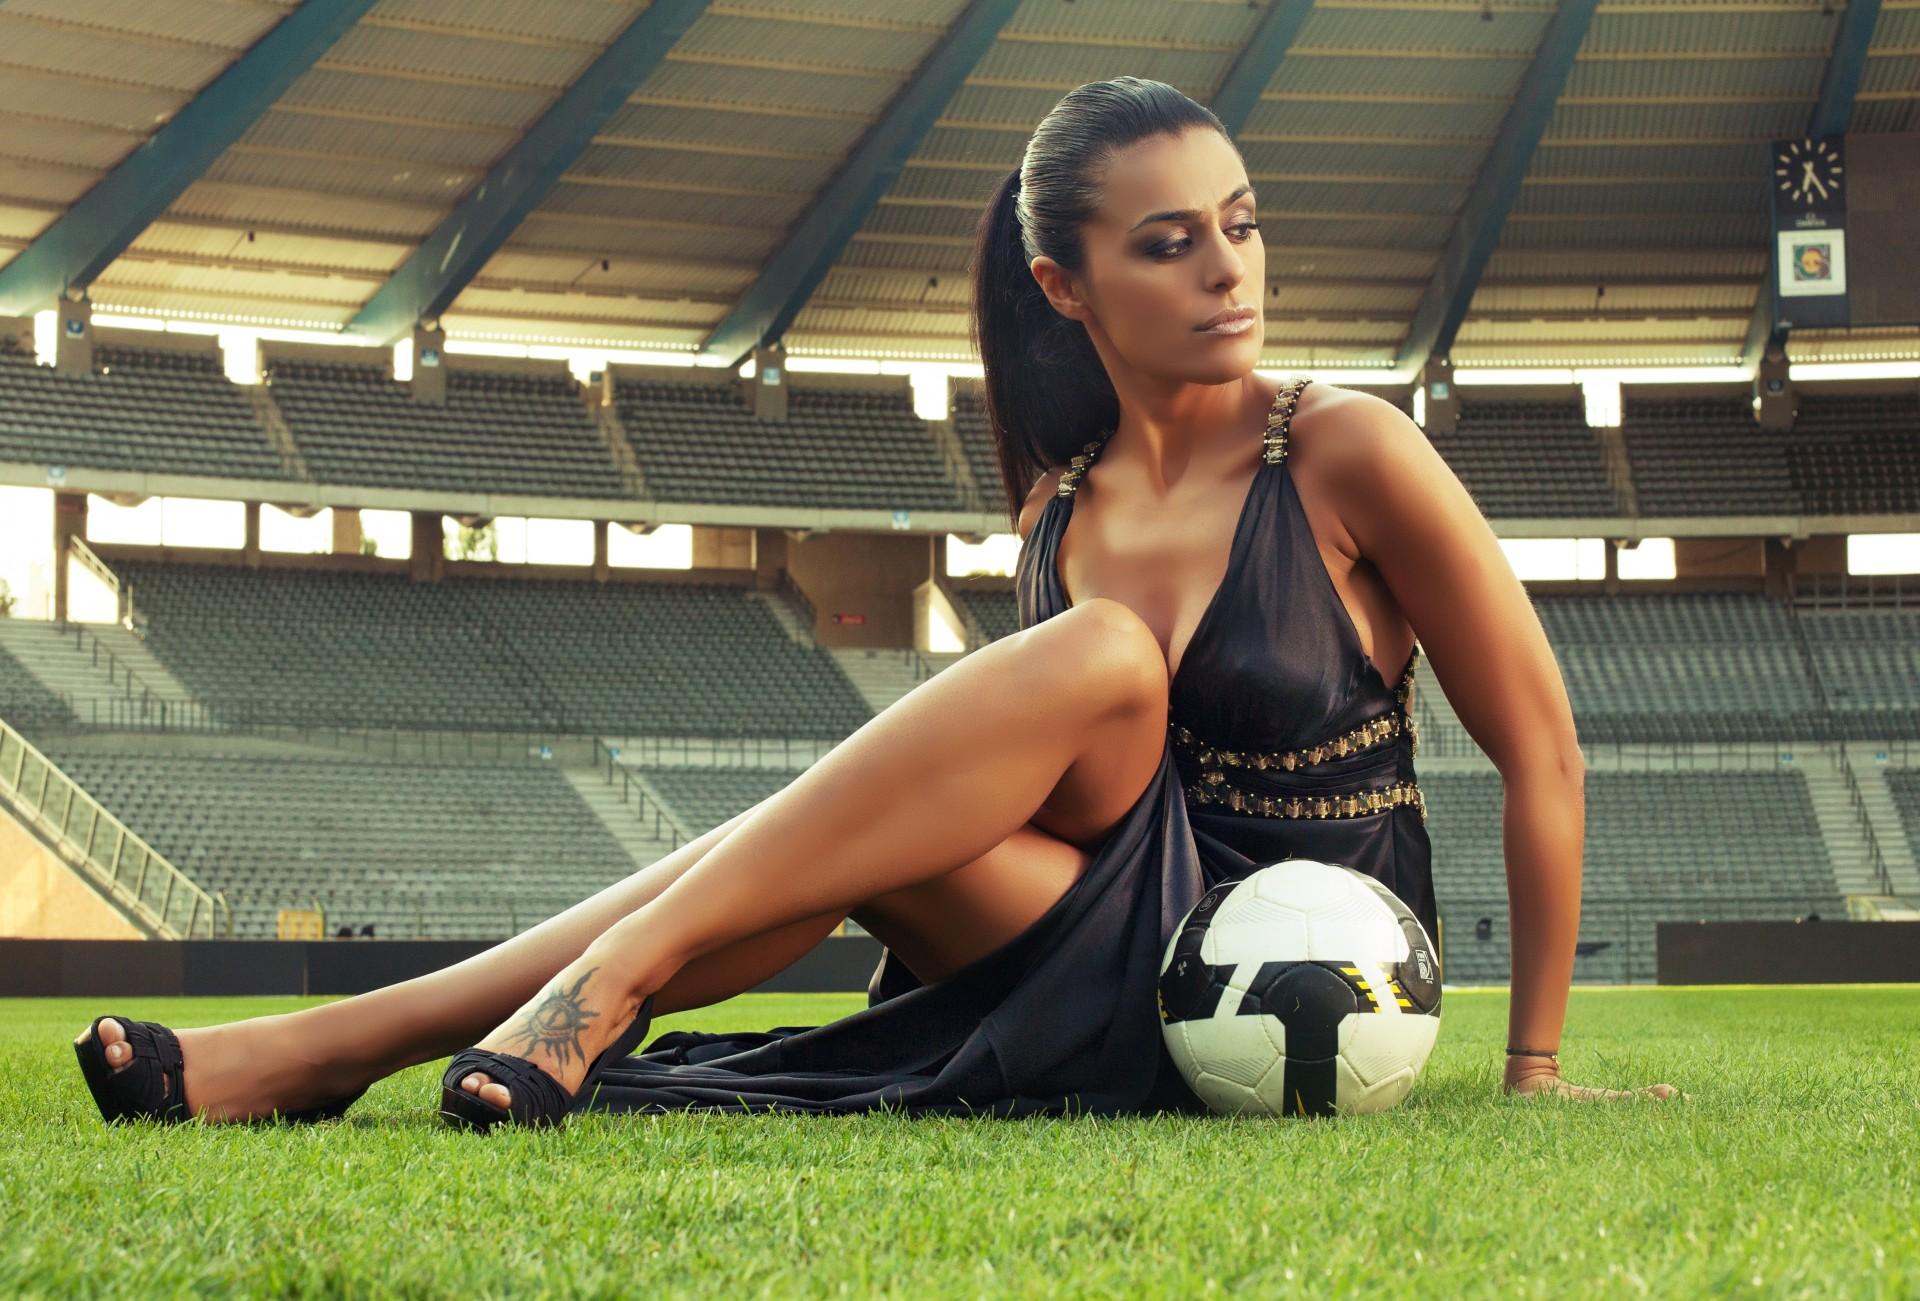 Dating a soccer girl